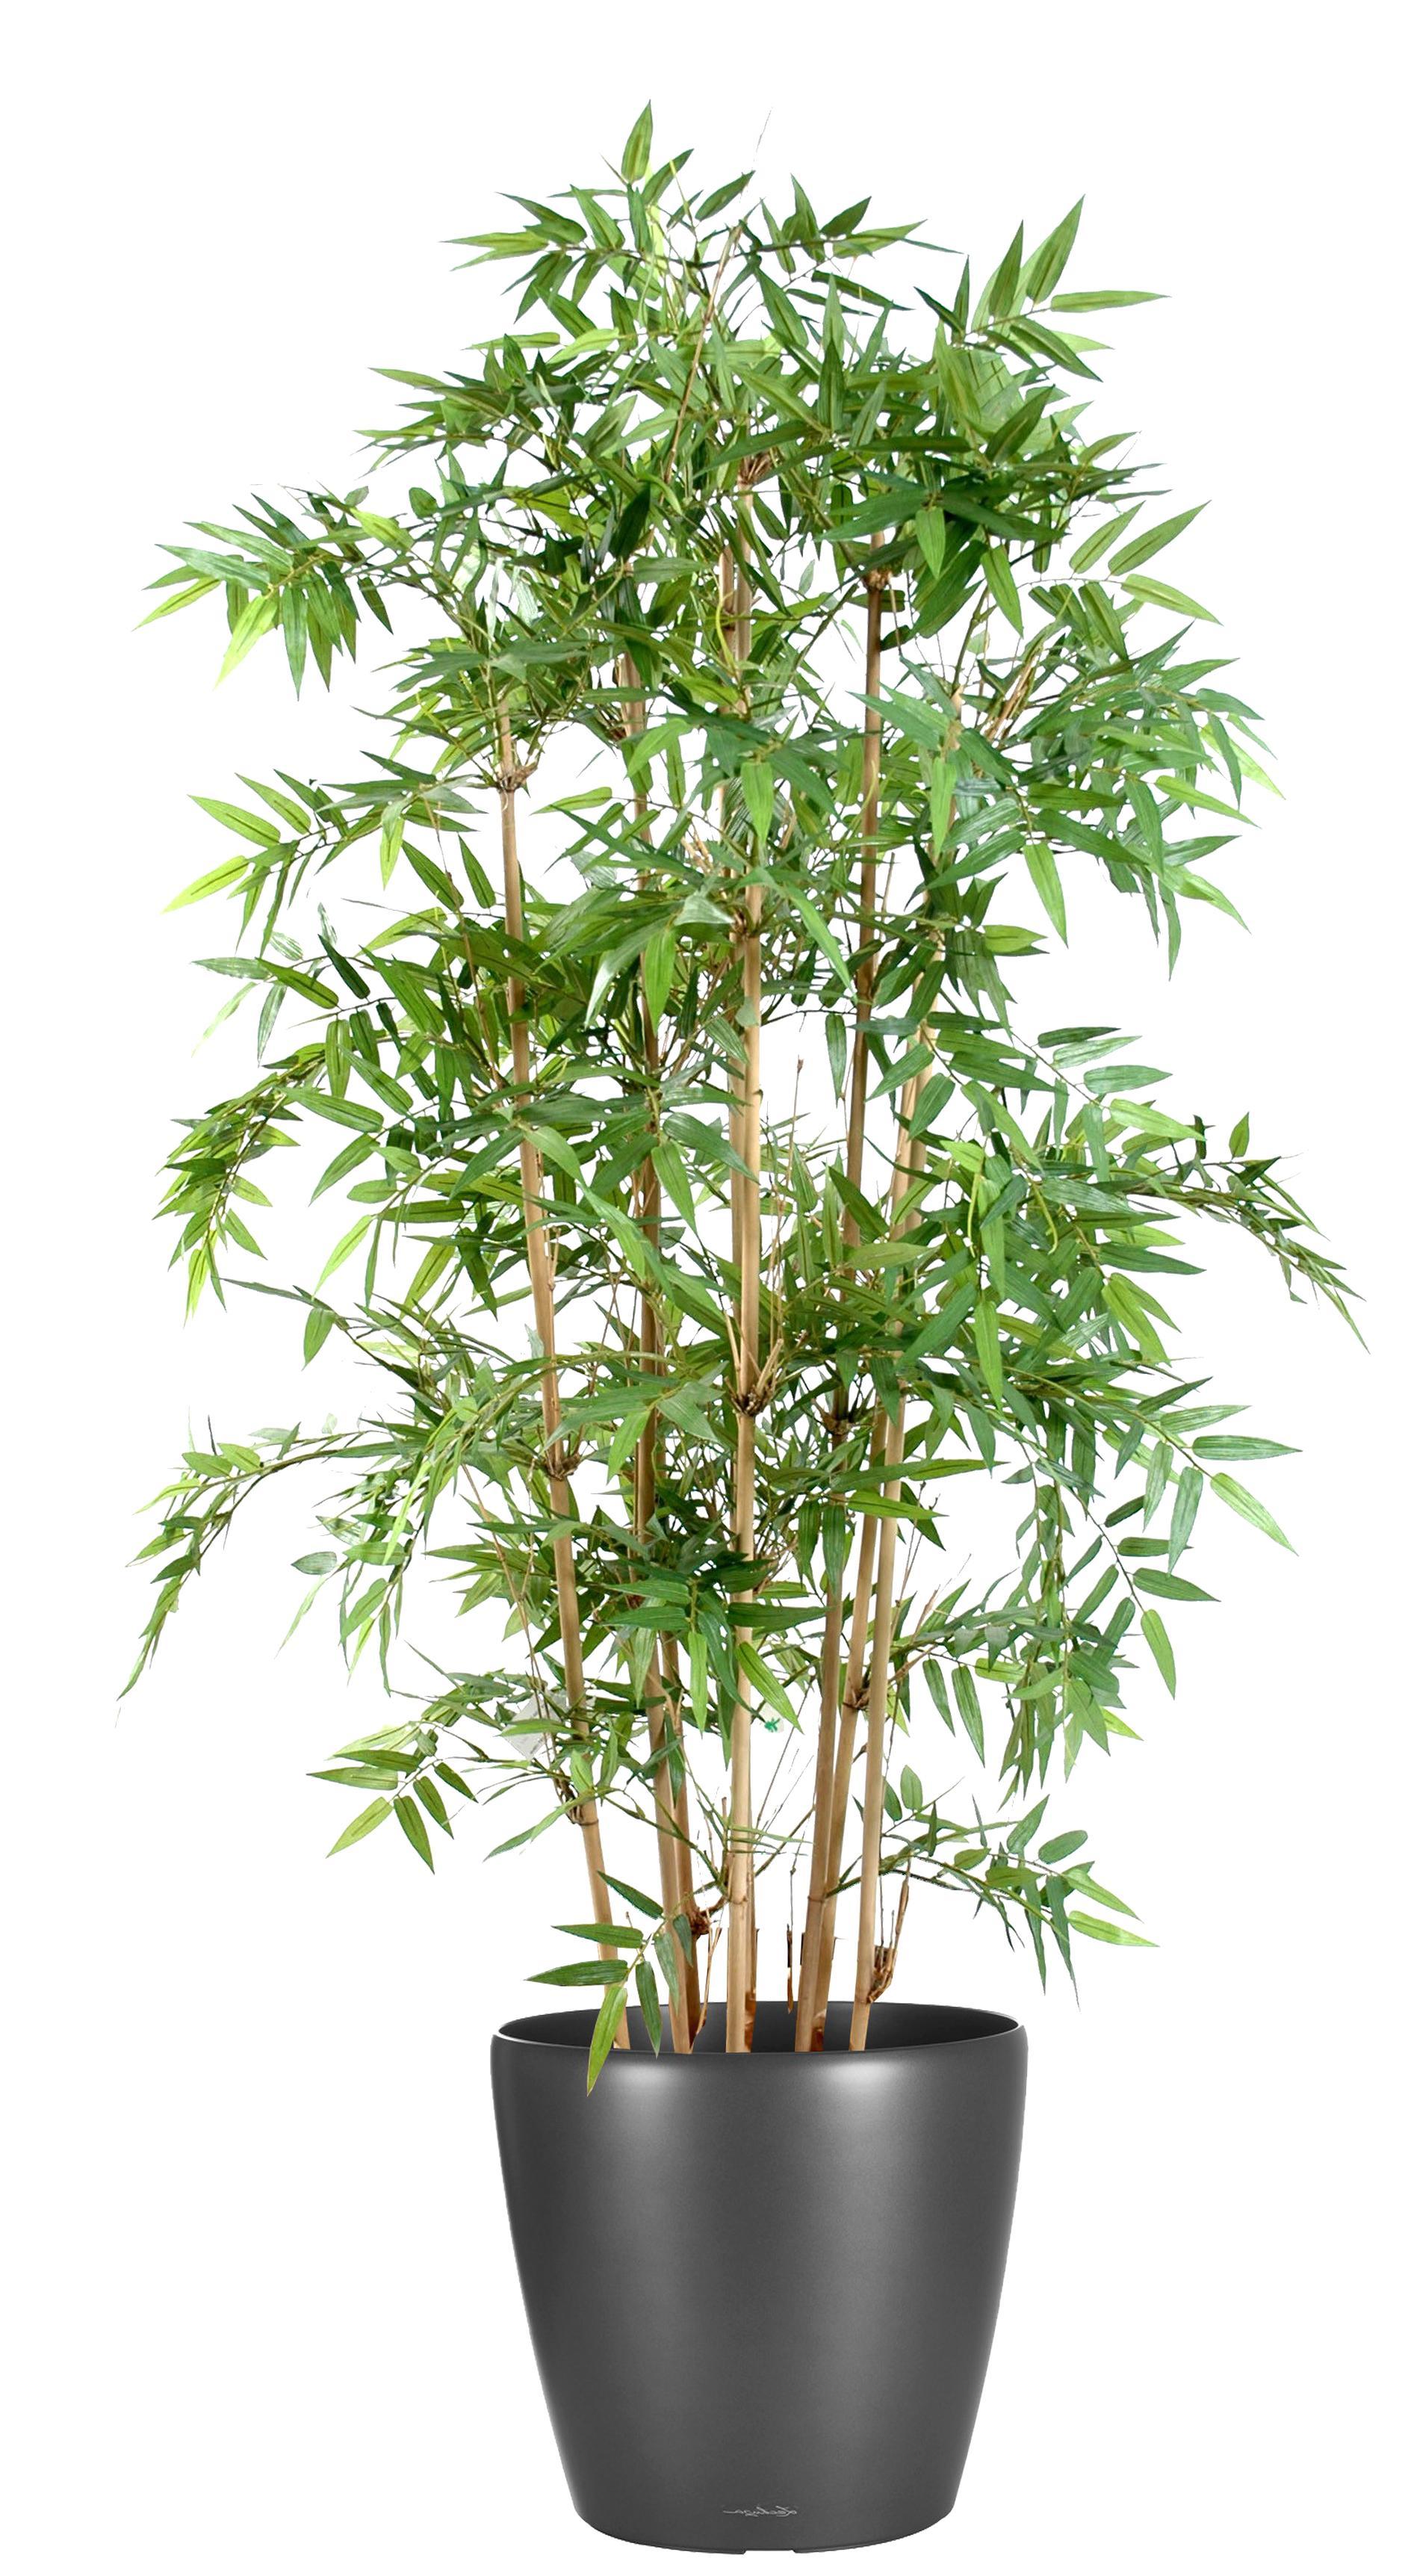 Arche Pour Fleurs Grimpantes Leroy Merlin plantes artificielles d'occasion